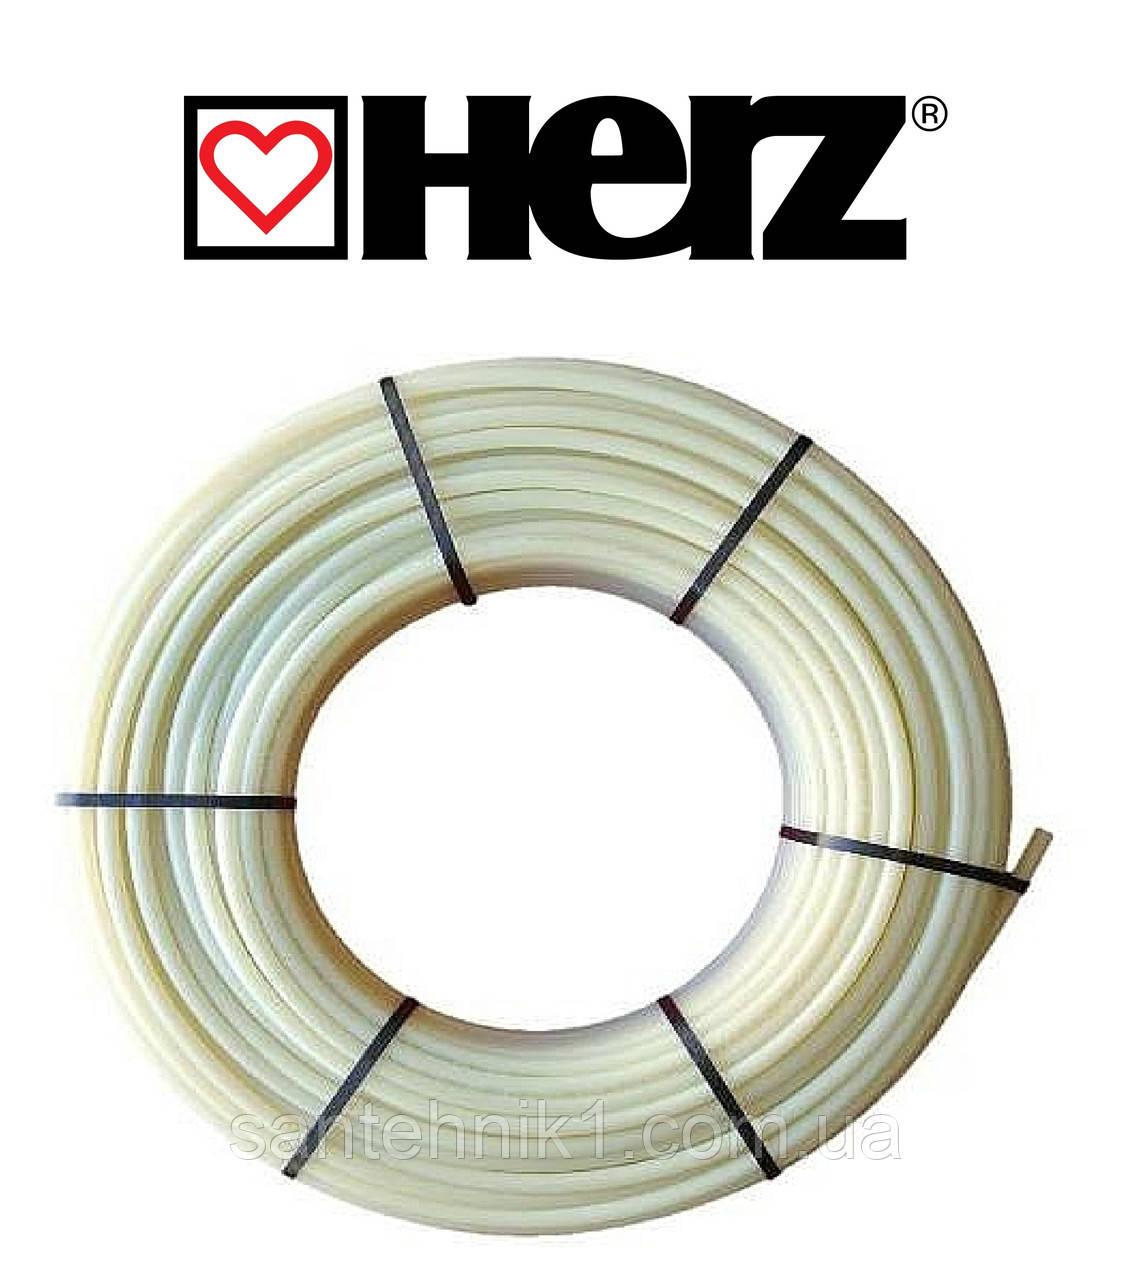 Труб для водяного теплого пола  HERZ (PE-Xc) 16x2 сшитый полиэтилен. Киев. Цена